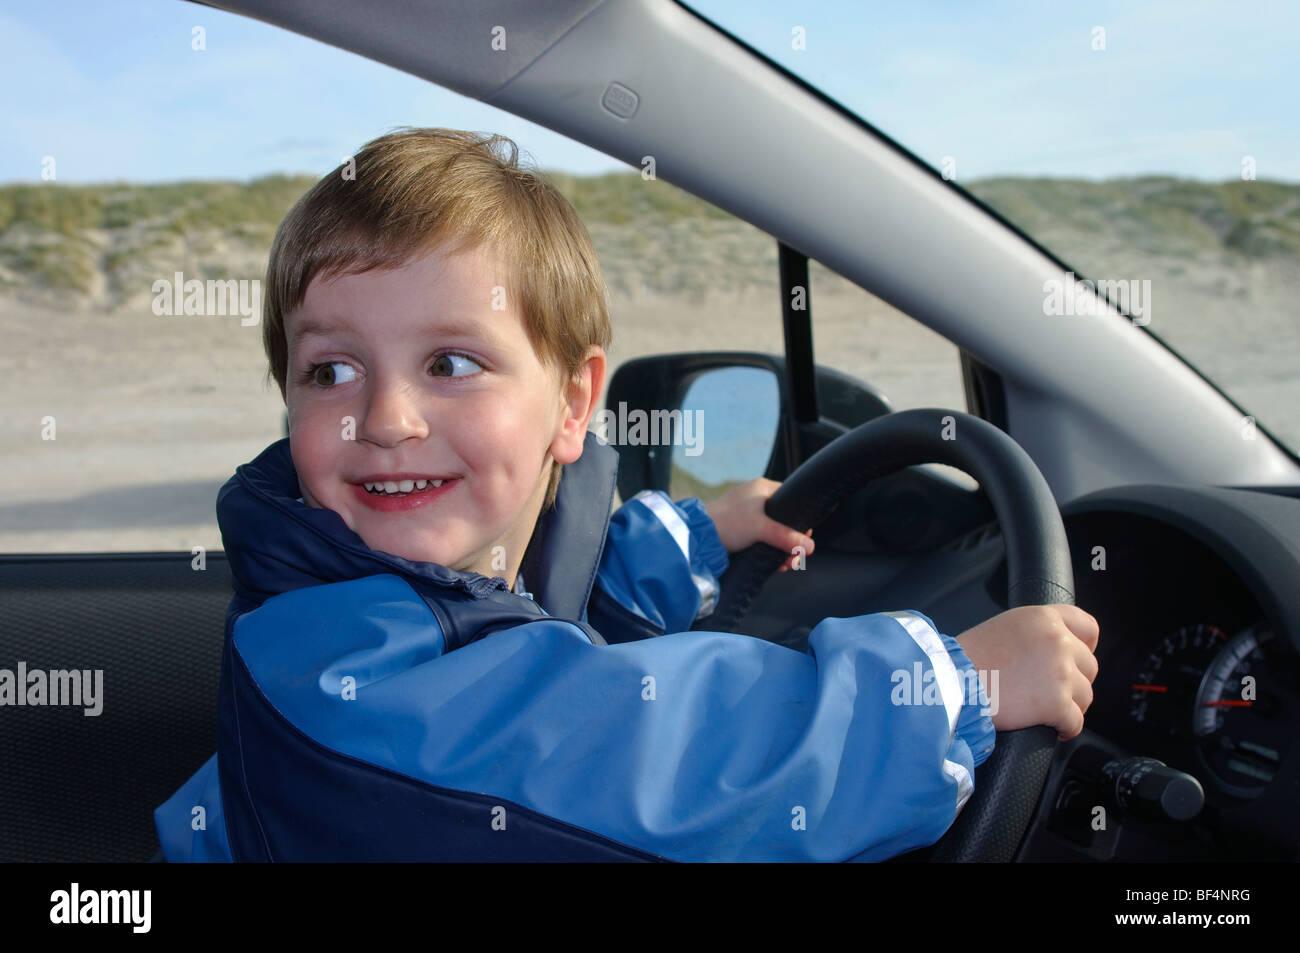 kleiner junge 2 jahre sitzt am steuer eines autos stockfoto bild 26535140 alamy. Black Bedroom Furniture Sets. Home Design Ideas